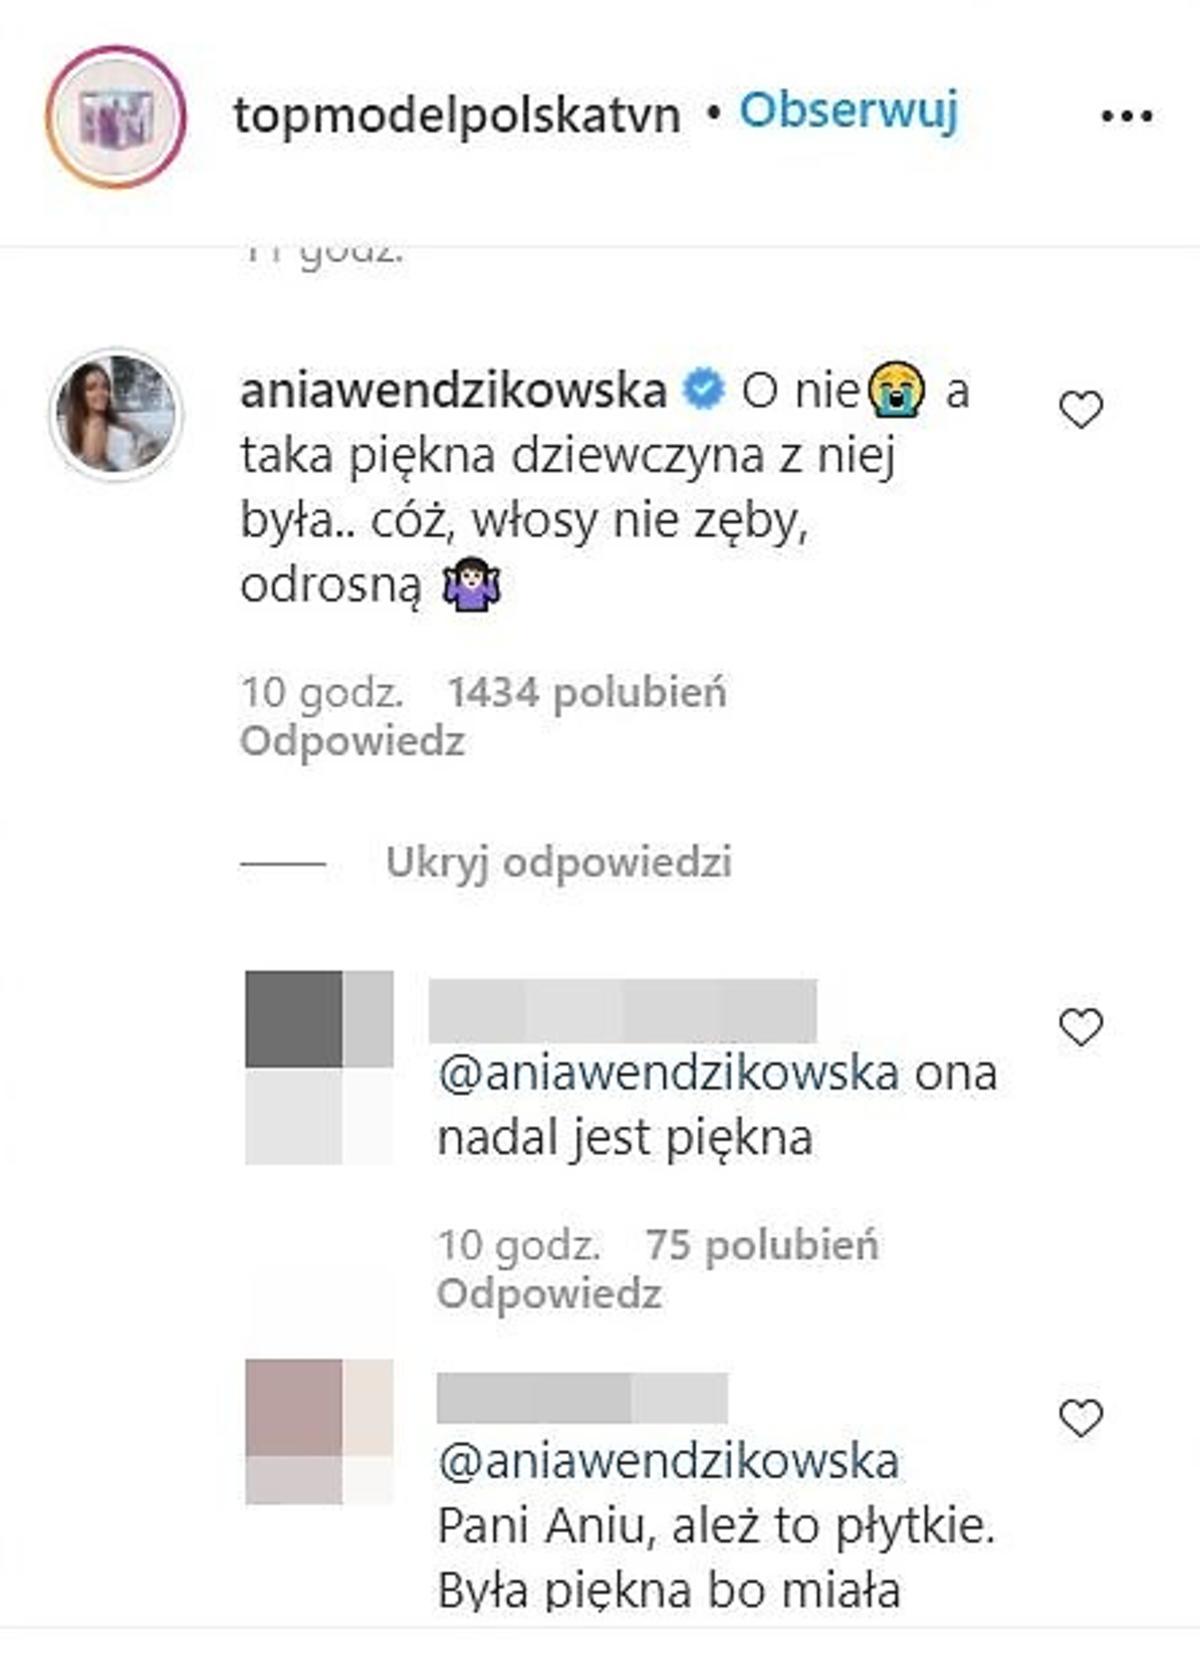 Anna Wendzikowska krytykuje metamrfozę uczsetniczki Top Model